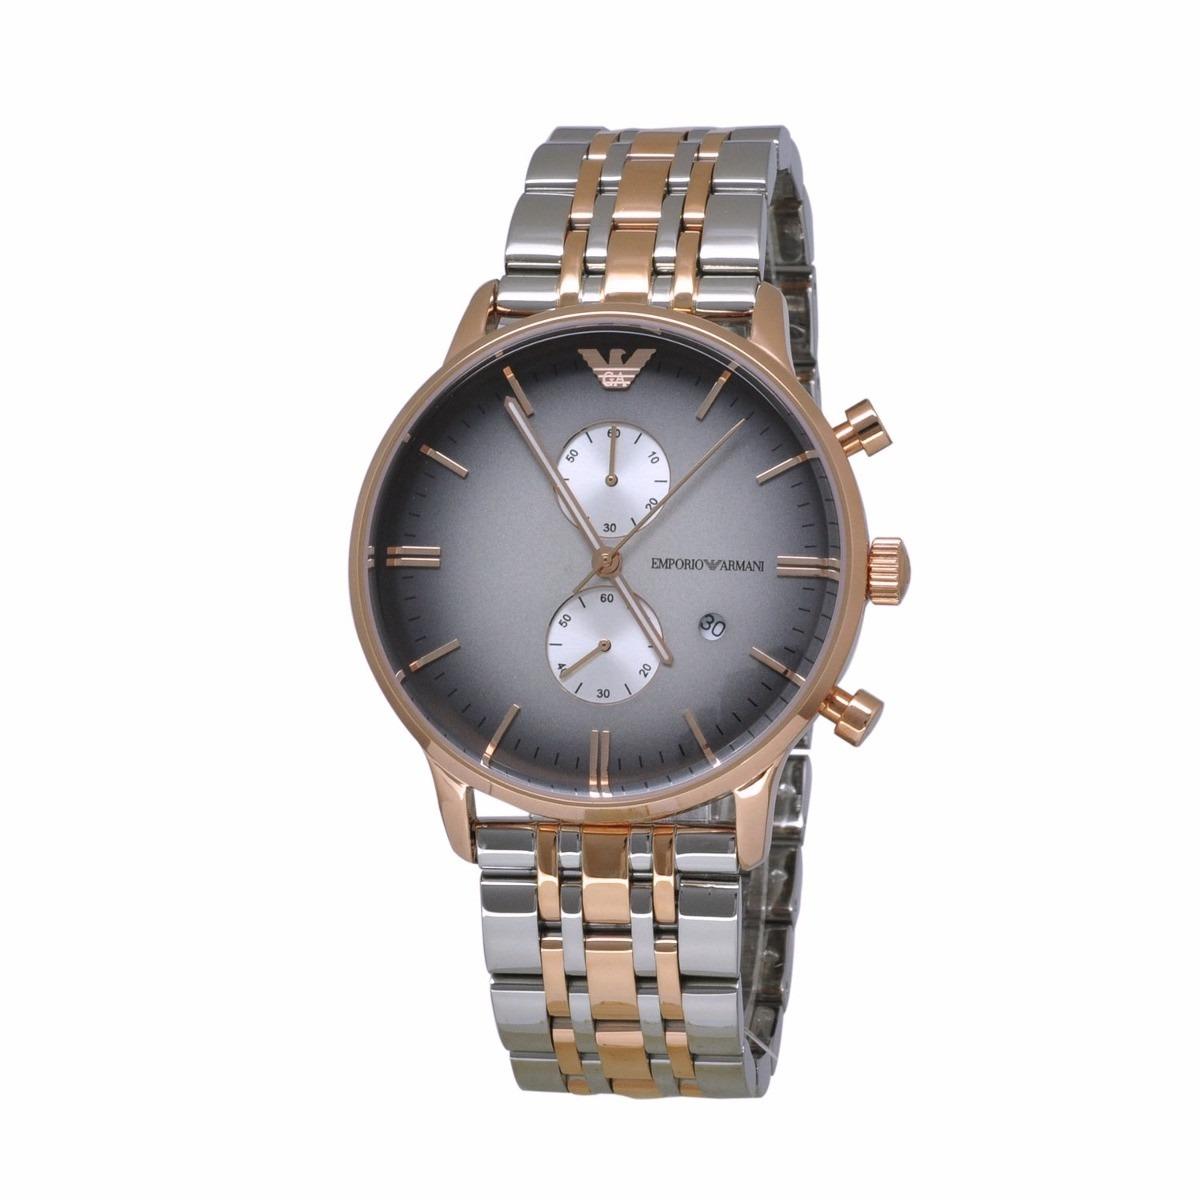 74ee6cbc9a5 relógio emporio armani ar1721 rose prata original completo. Carregando zoom.